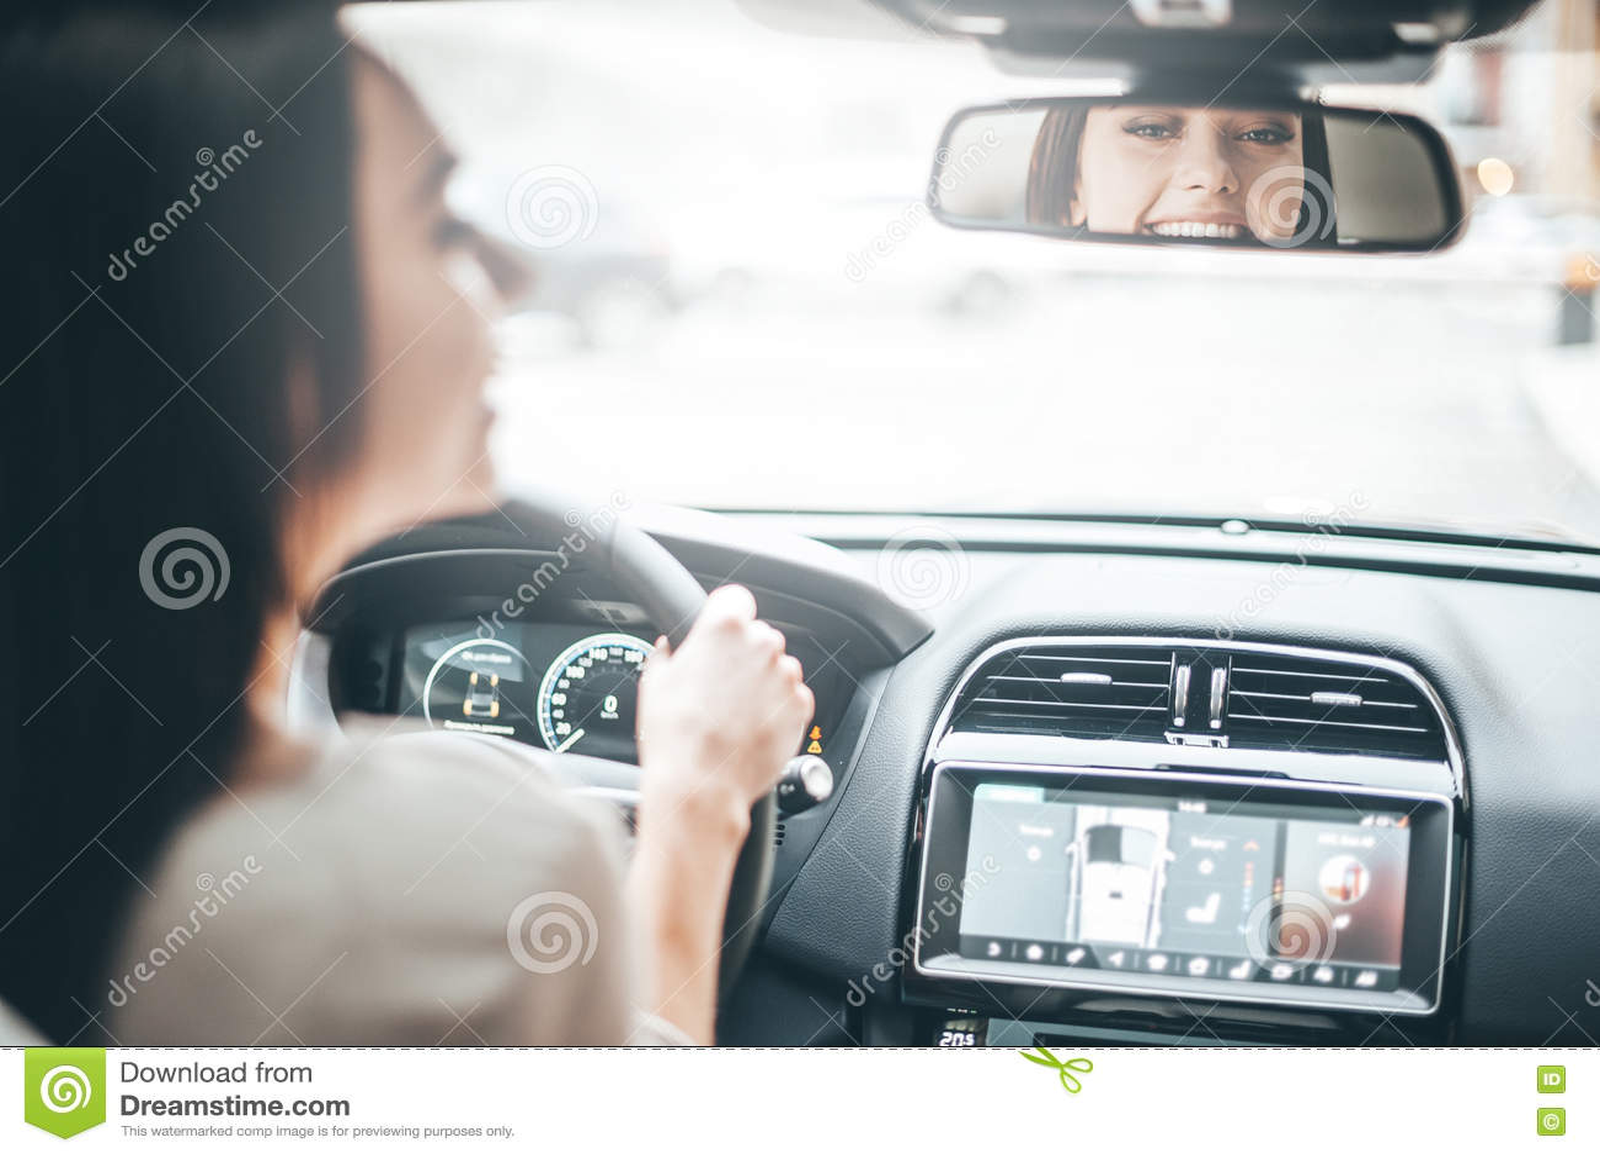 Motorista no espelho retrovisor